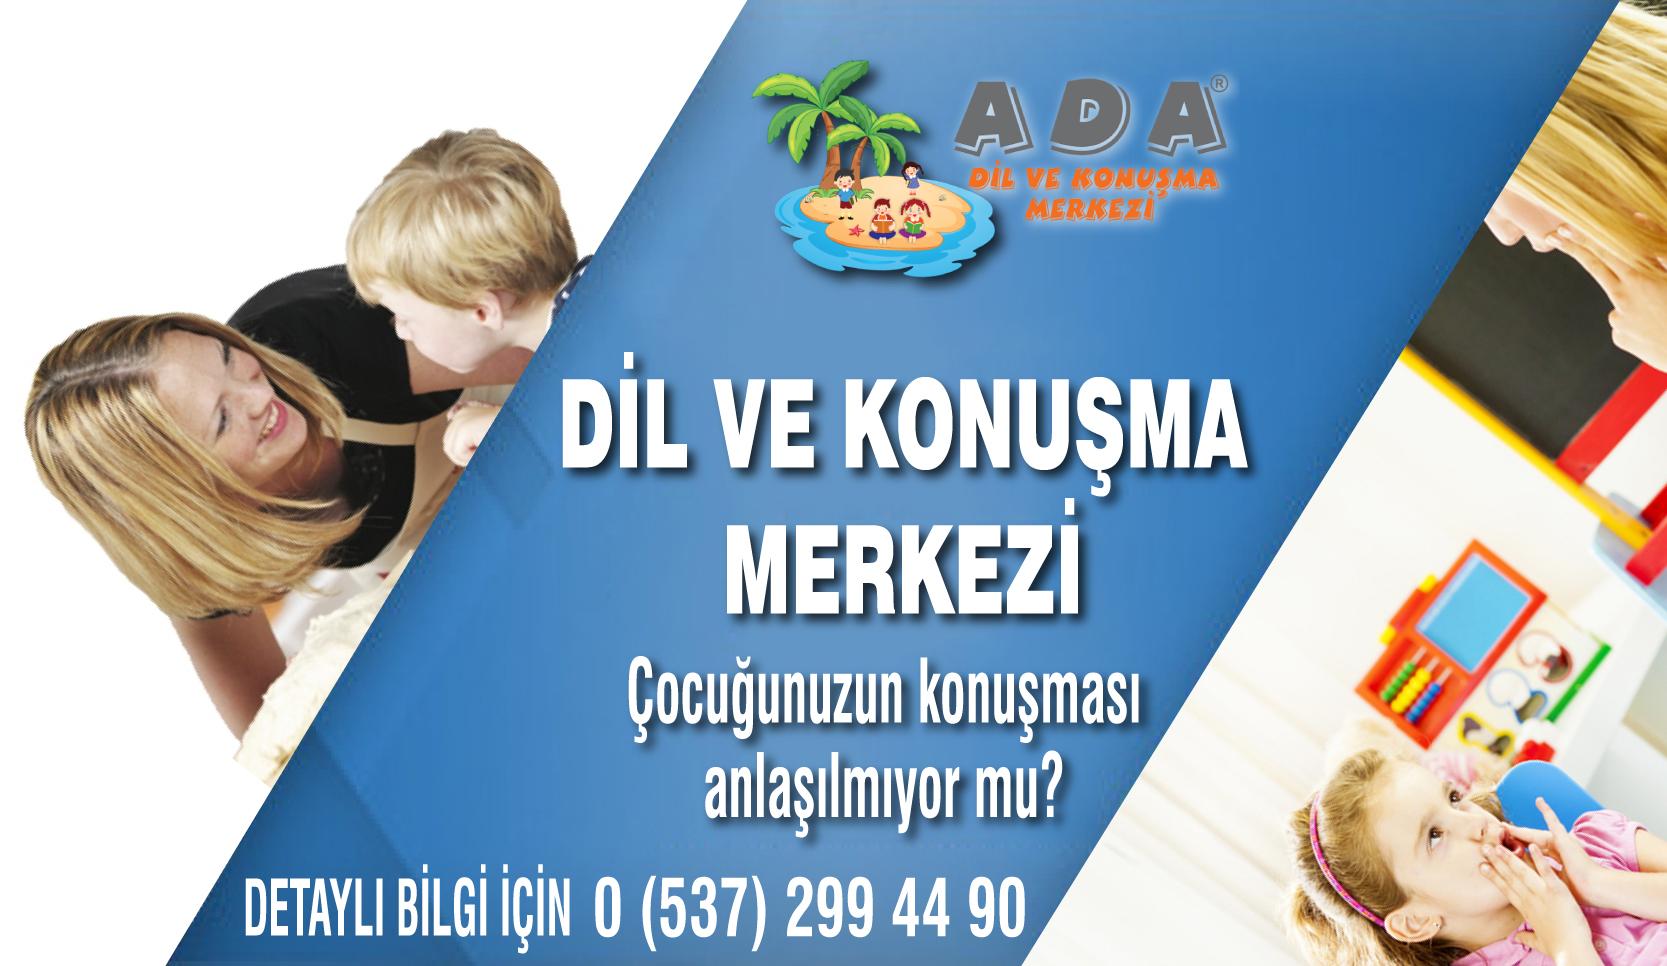 İzmir Dil ve Konuşma Merkezi